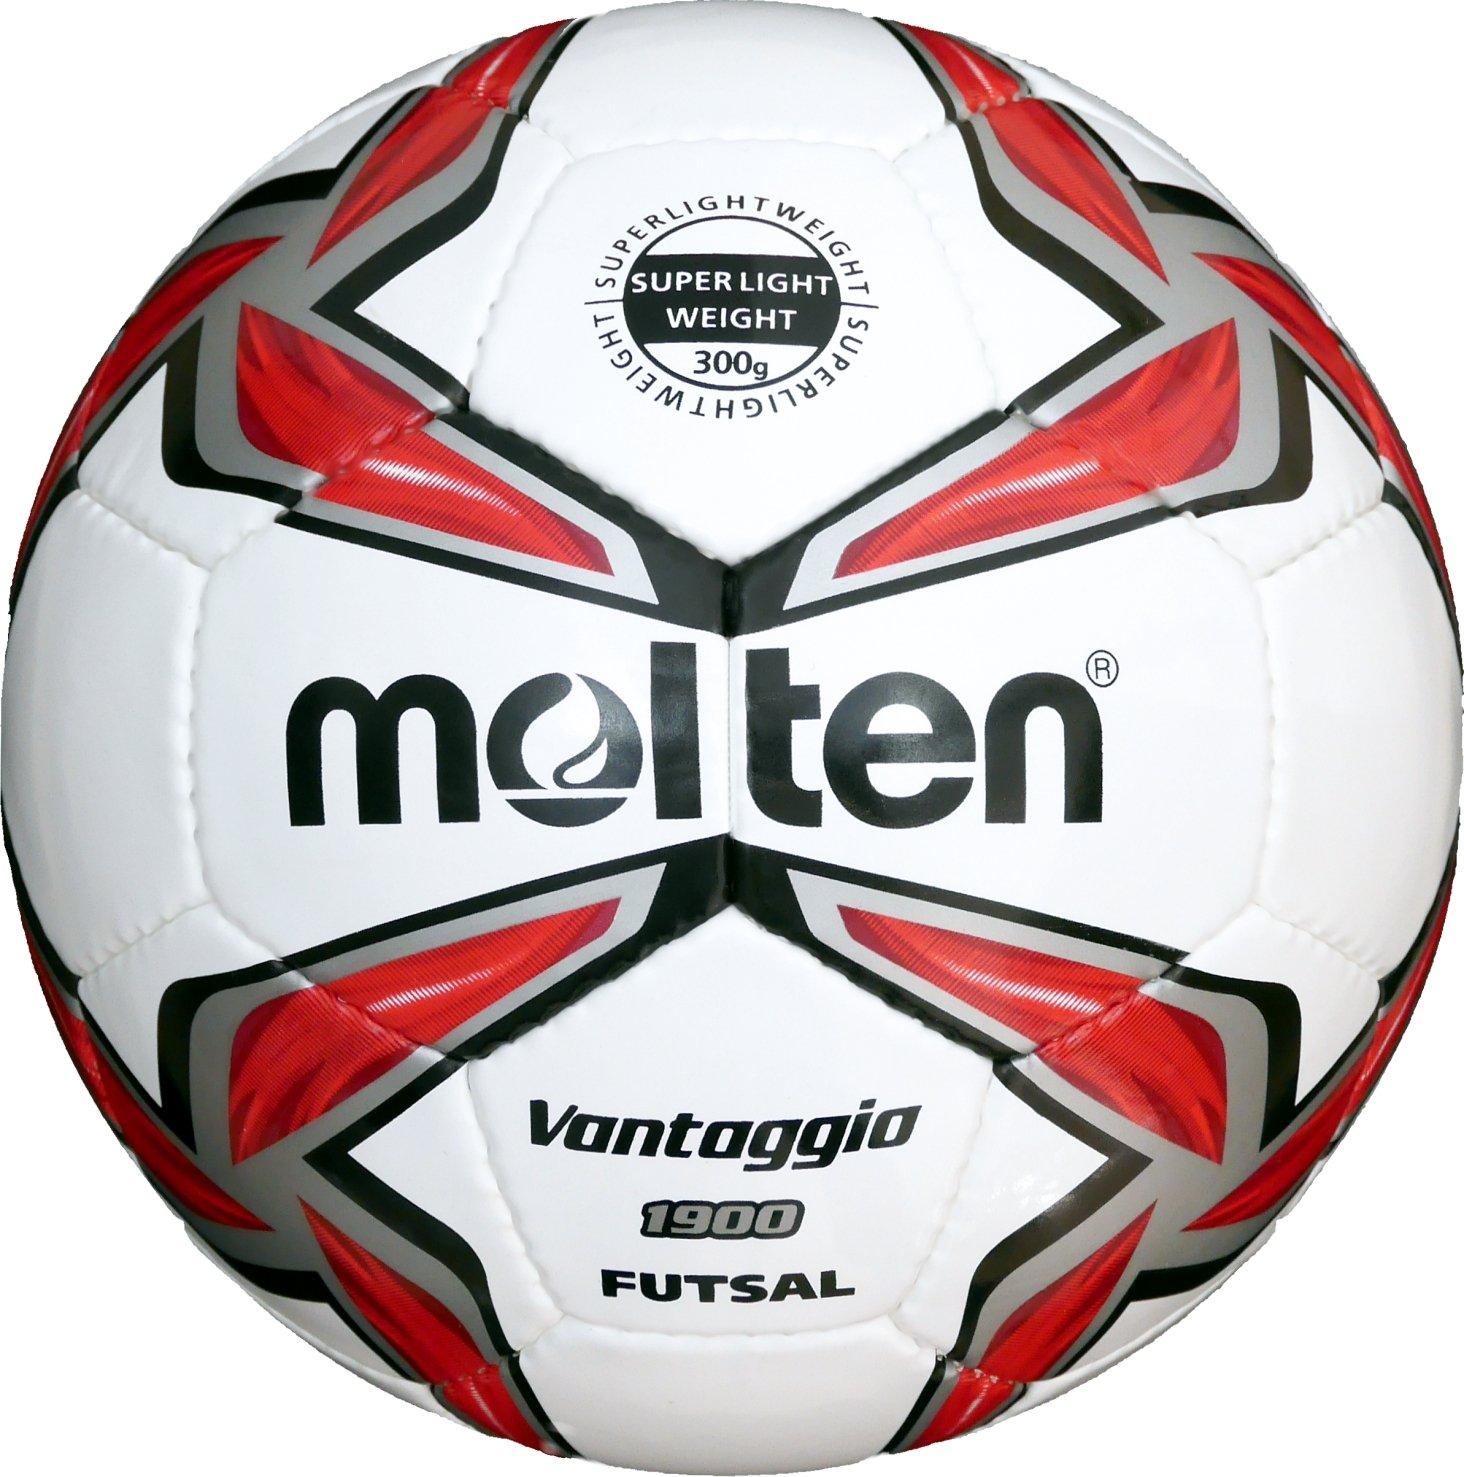 Molten Uni f9V1900de LR Futsal, Blanc, 4 MLTN5|#molten F9V1900-LR